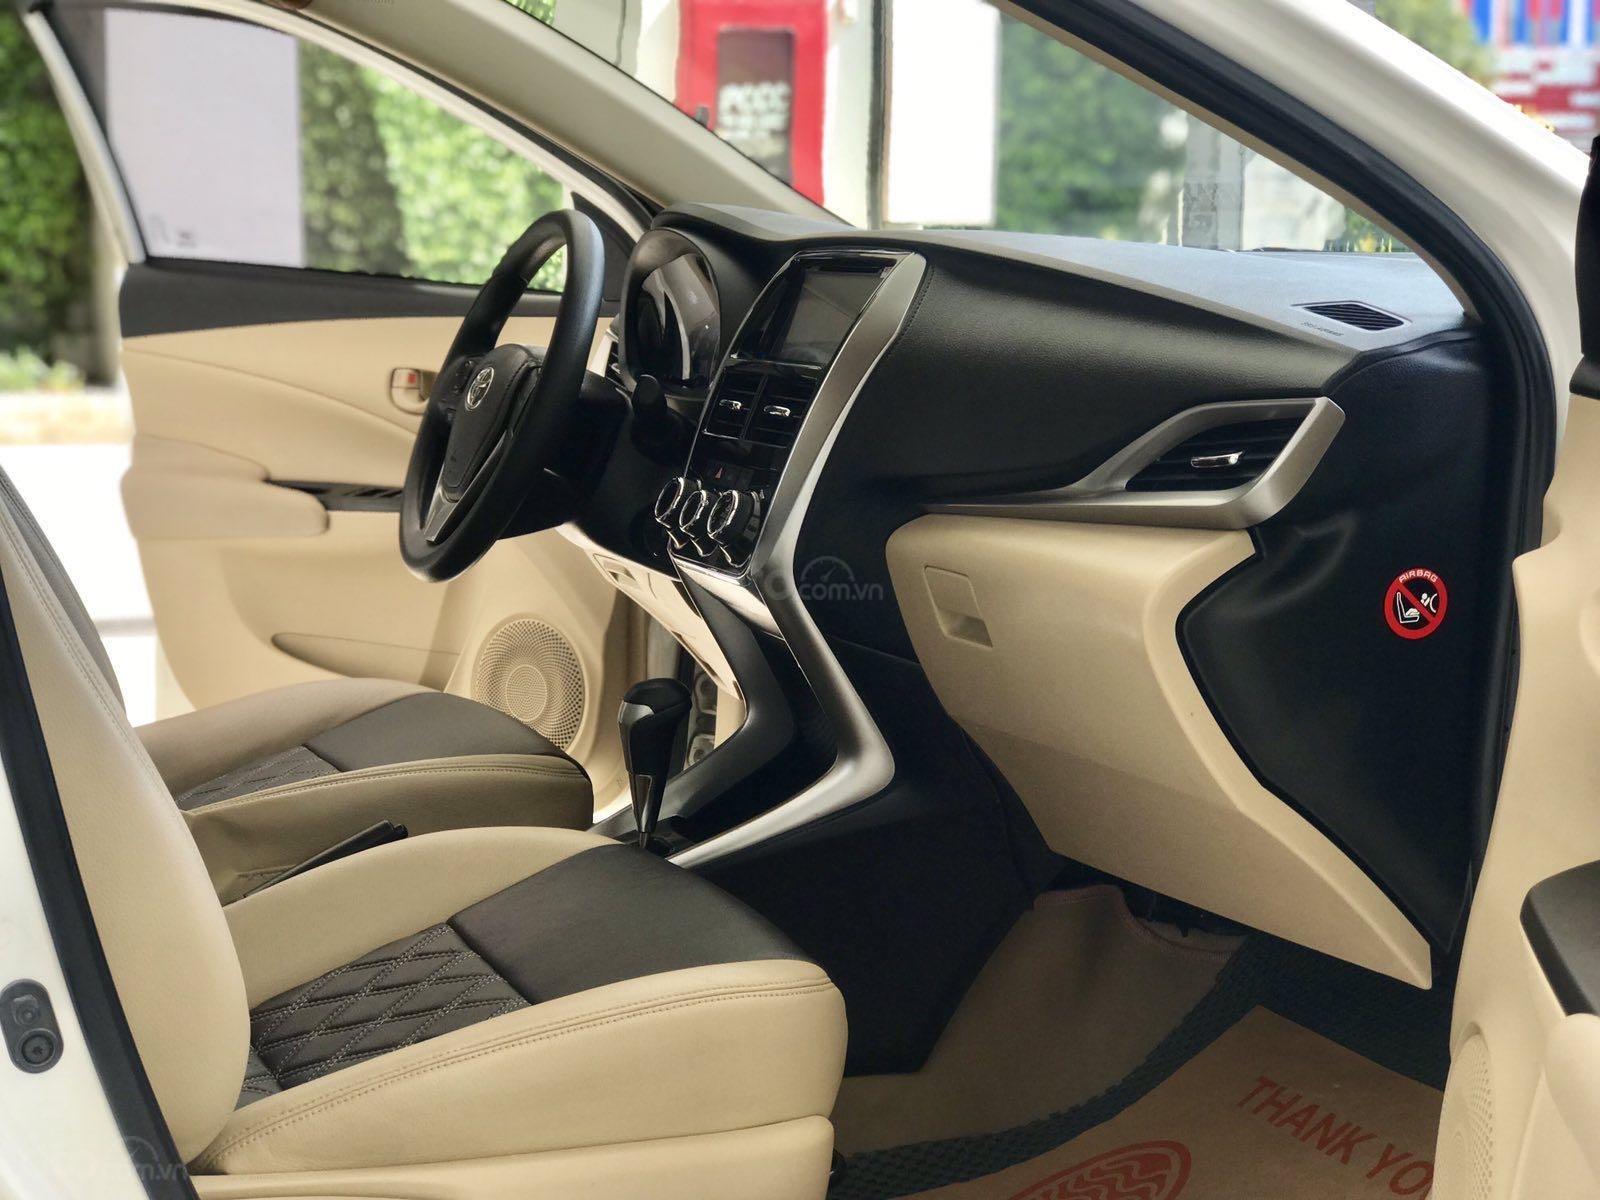 Bán xe Toyota Vios đời 2018, màu trắng xe giá tốt 480 triệu đồng (5)